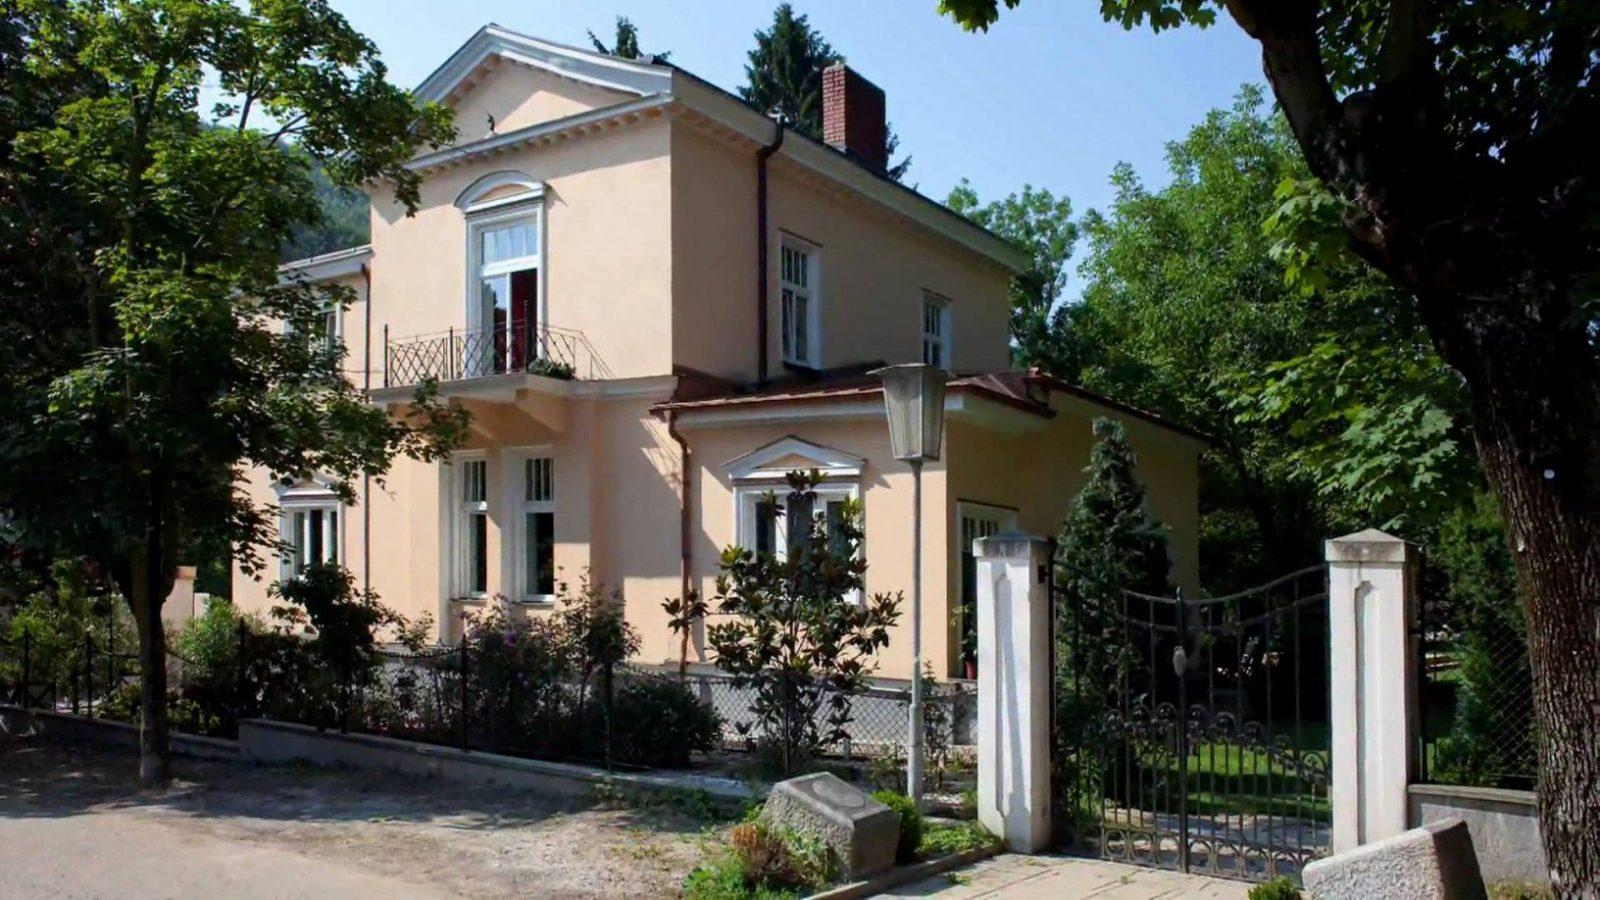 Altes Haus Renovieren Vorher Nachher Inspirierend Snofab  Comacina von Altes Haus Renovieren Vorher Nachher Photo